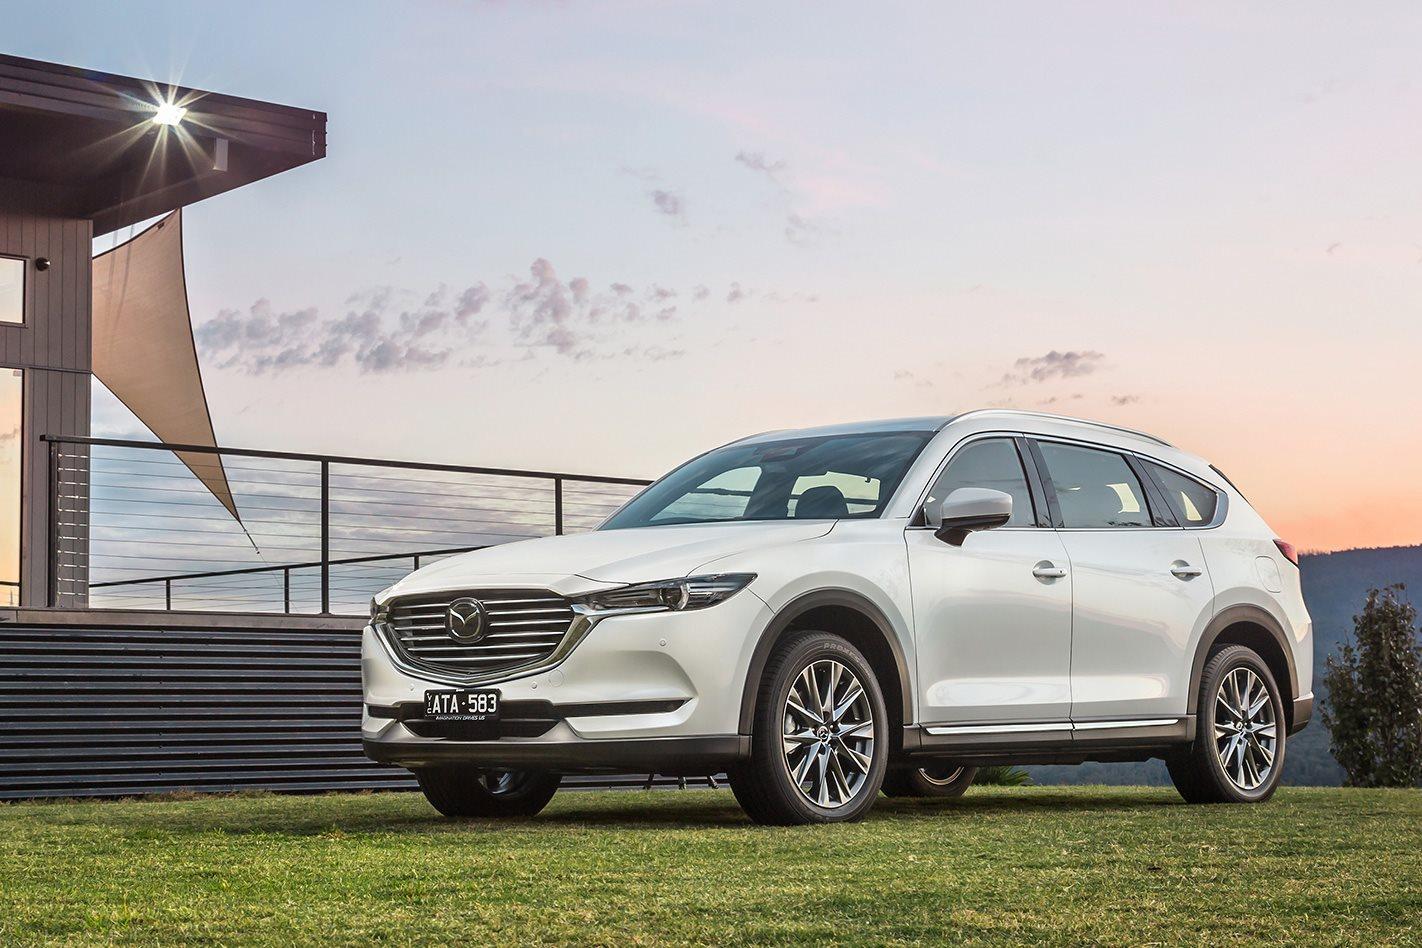 2018 Mazda Cx 8 Review